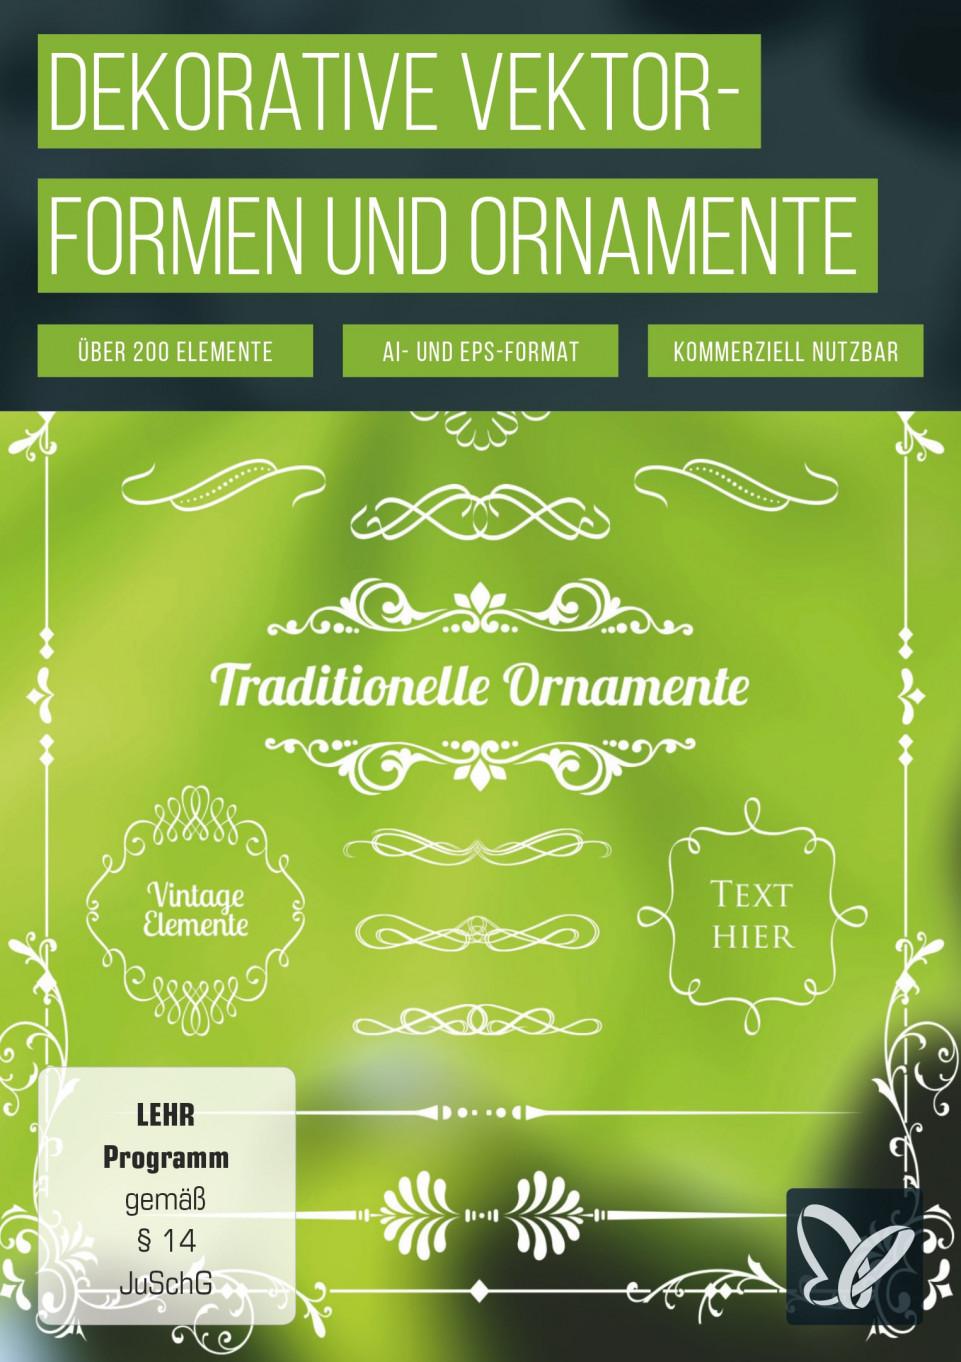 Dekorative Vektorformen und Ornamente